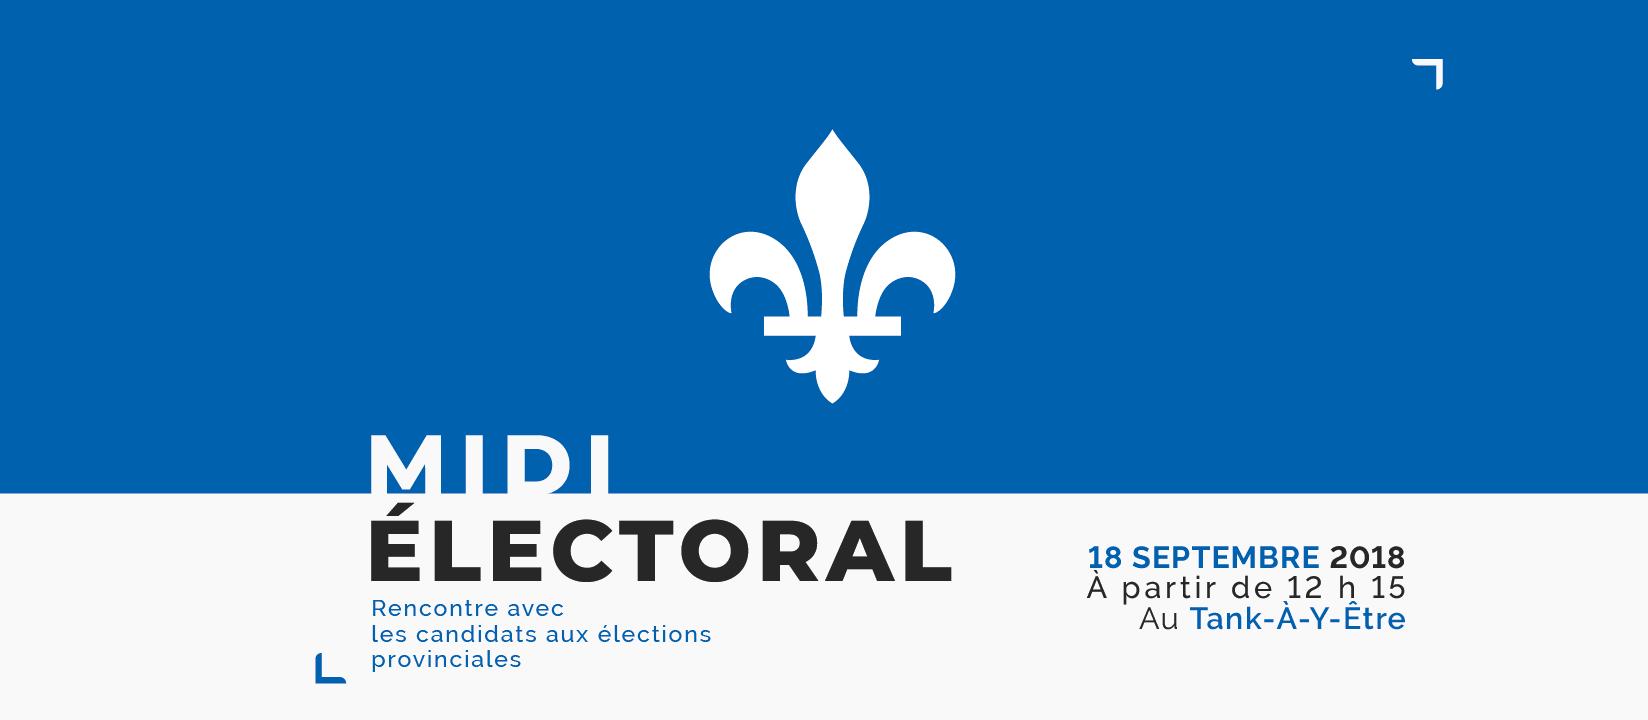 midi électoral qui se tiendra le mardi 18 septembre 2018, à compter de 12 h 15, au salon étudiant Tank-à-y-être (local V-138).<br />